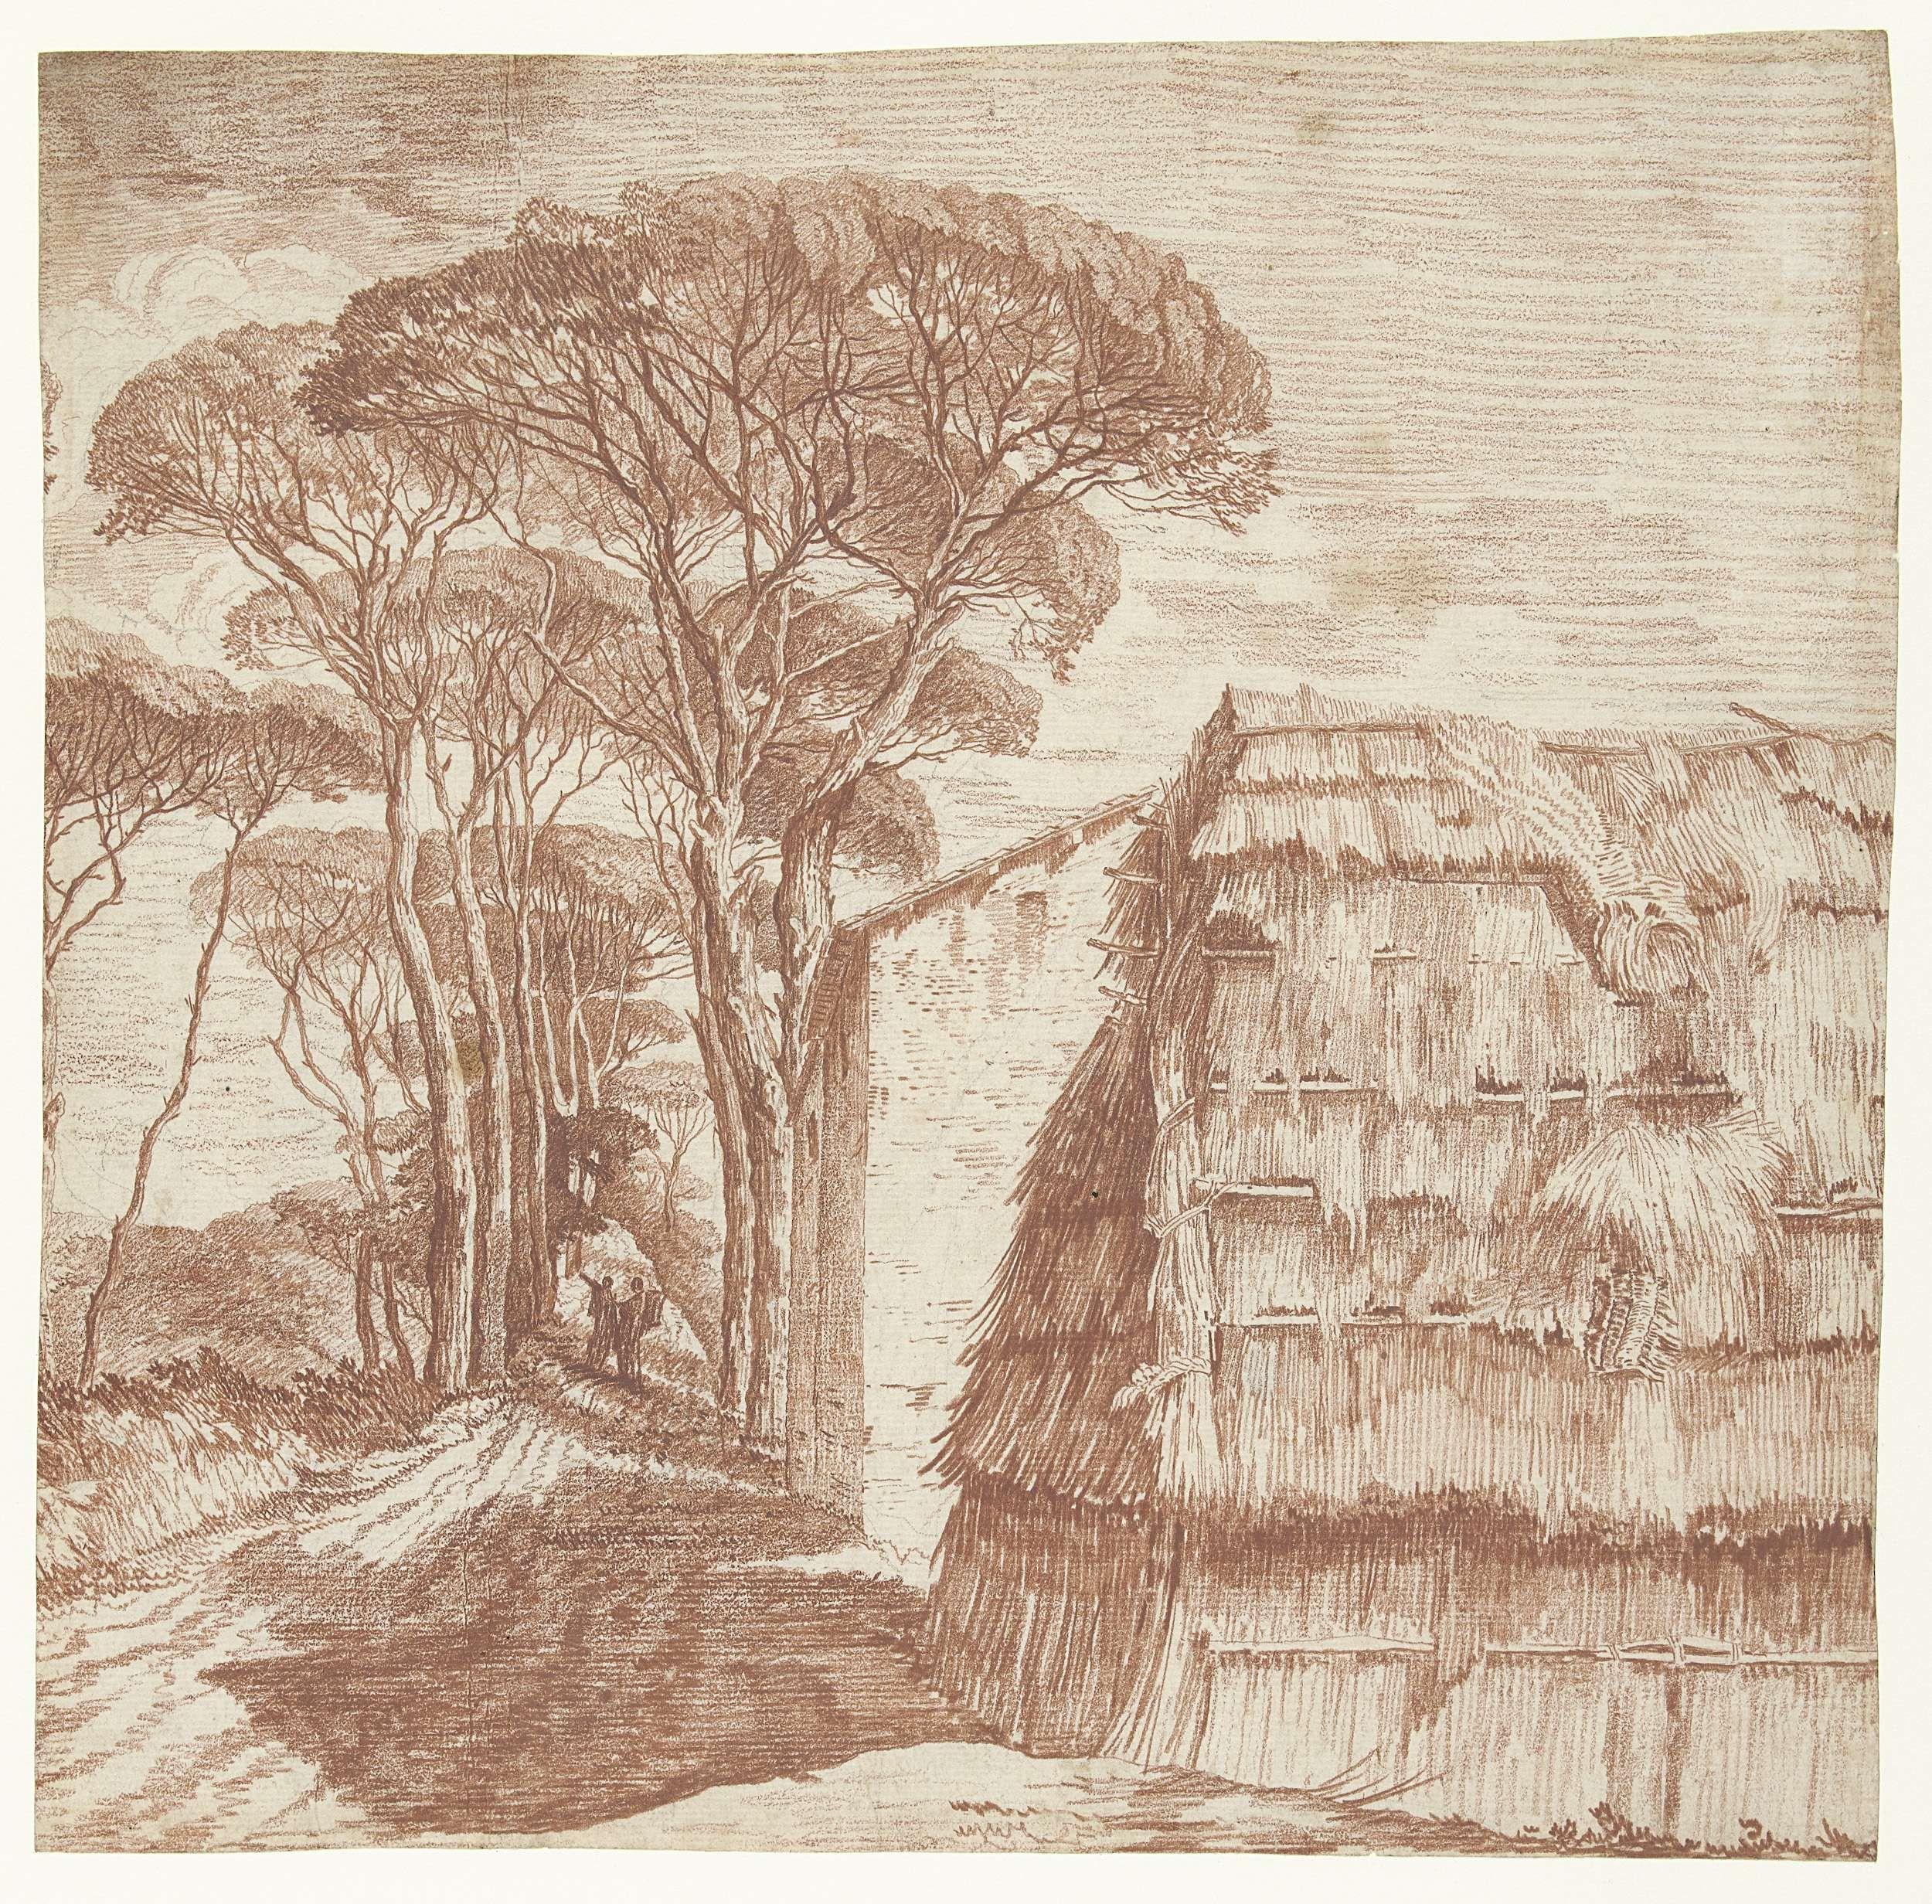 Anonymous   Pijnboomlaantje met huizen en een plaggenhut op de voorgrond, Anonymous, 1700 - 1800  